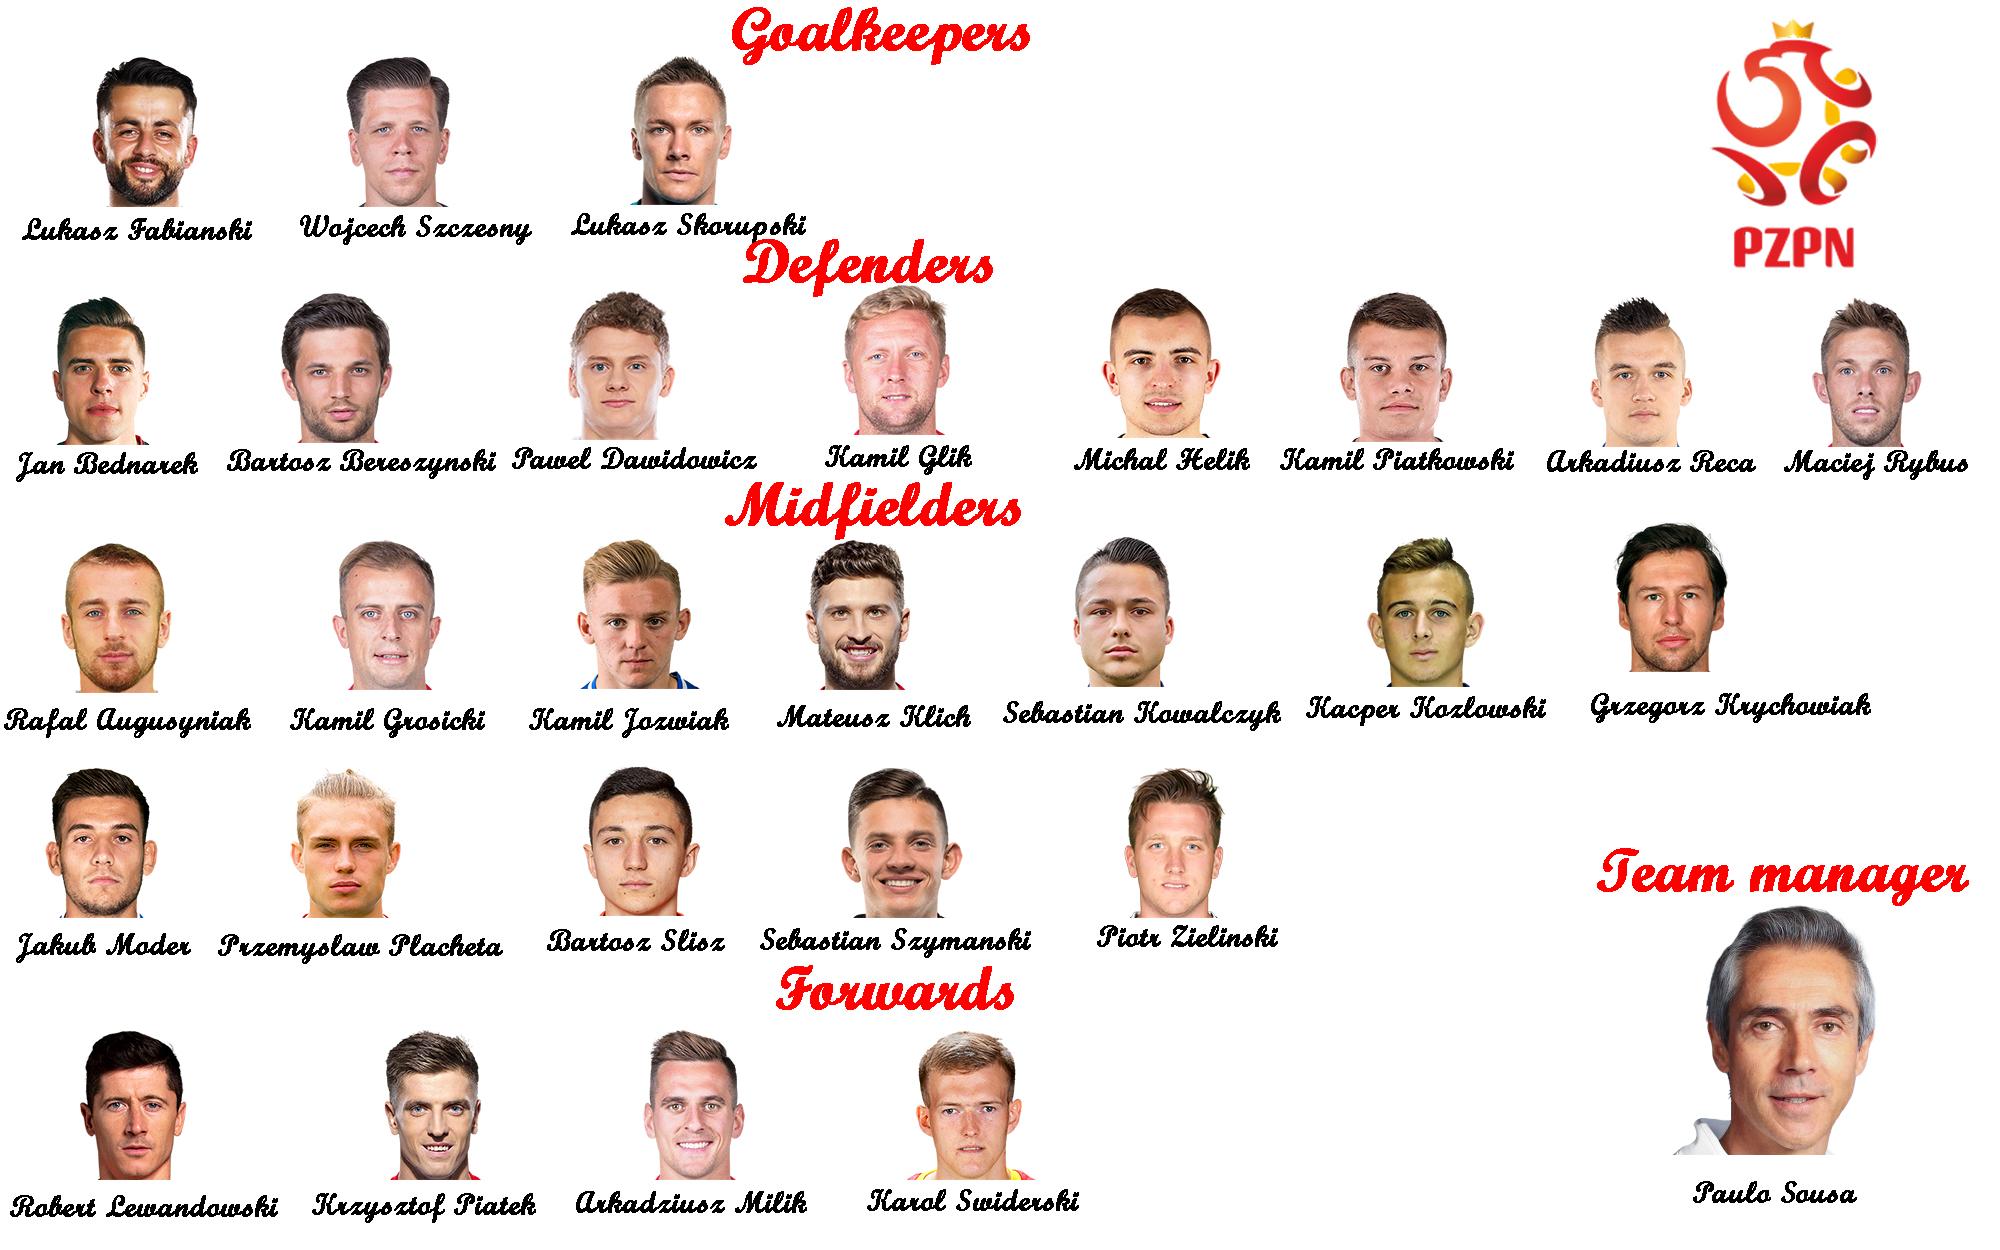 Возвращение в Будапешт спустя сто лет. Сборная Польши готовится к старту в отборе к Чемпионату мира 2022